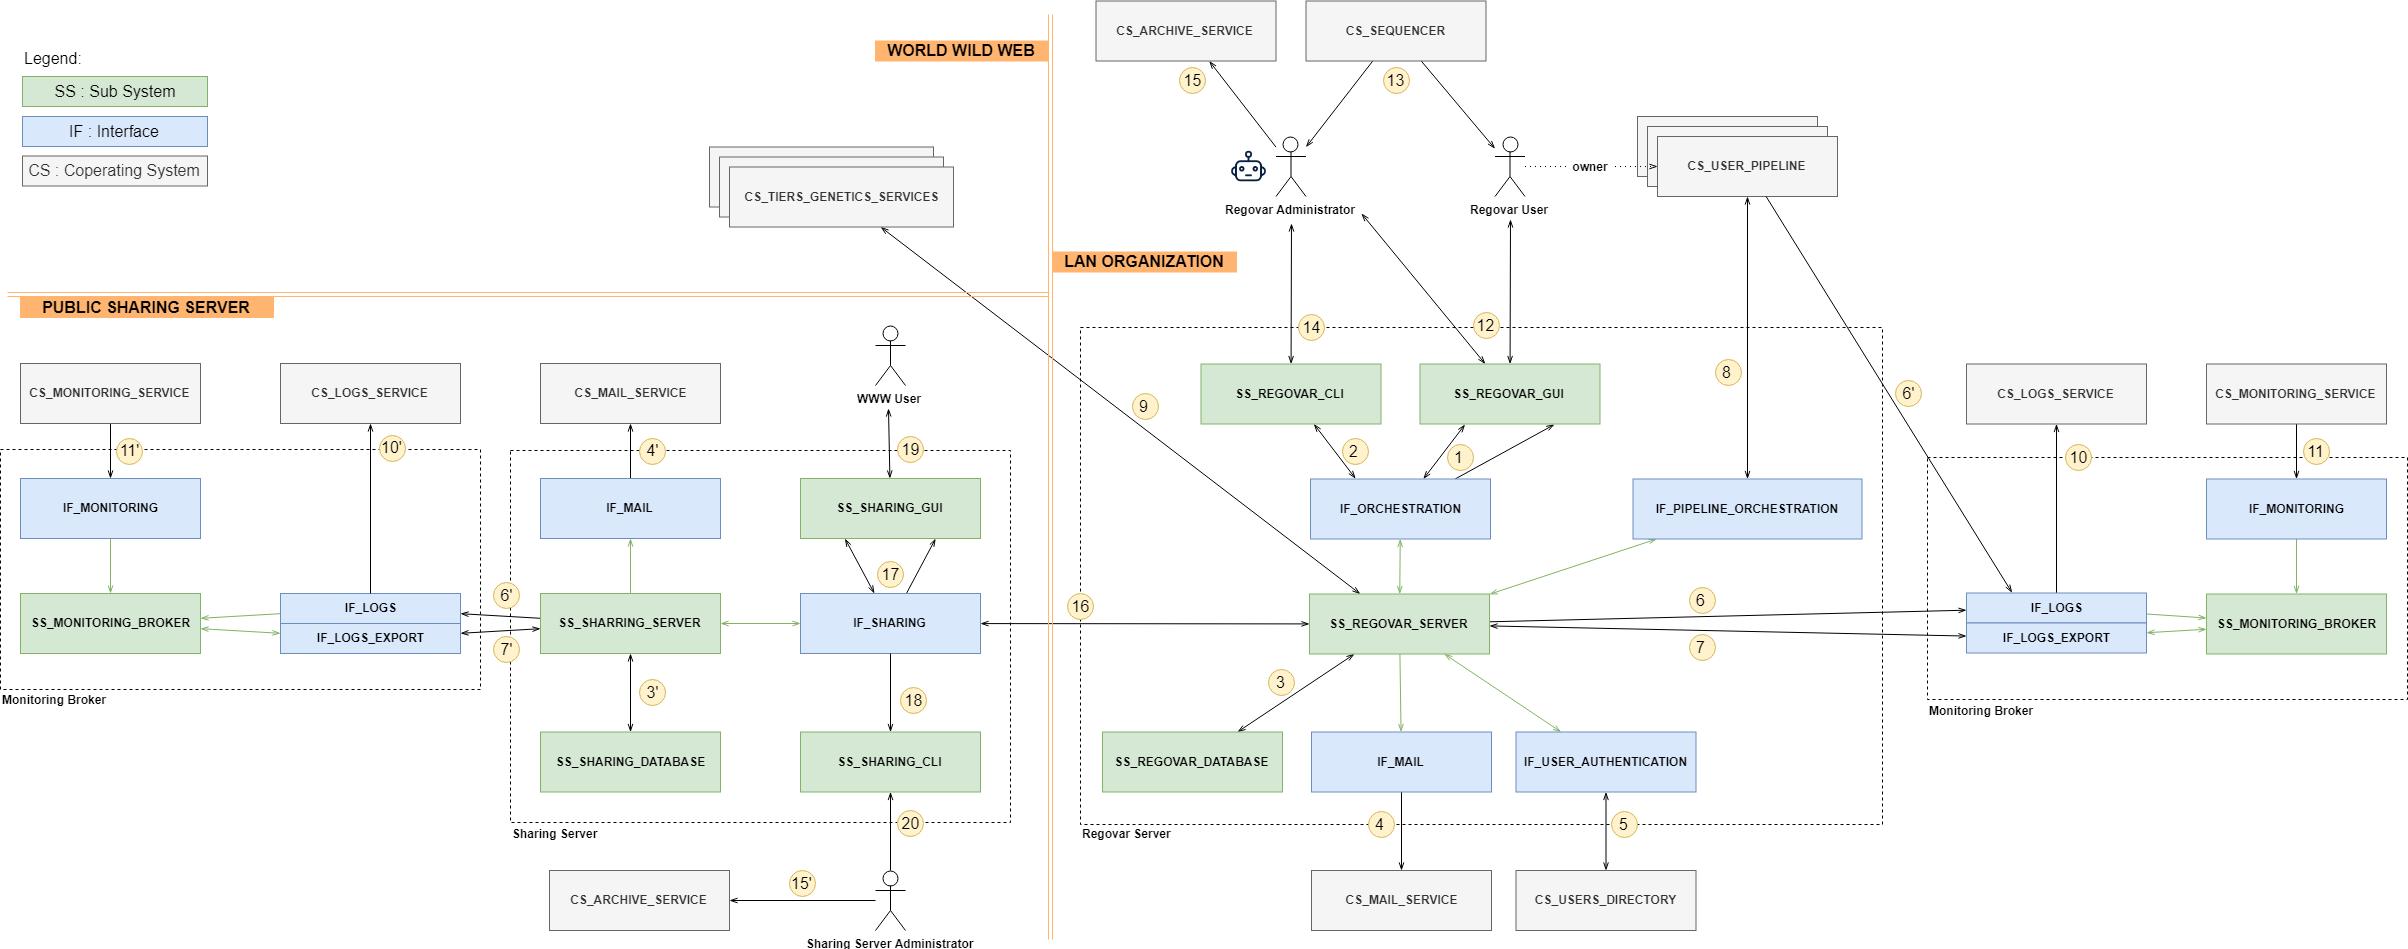 Architecture de l'application Regovar